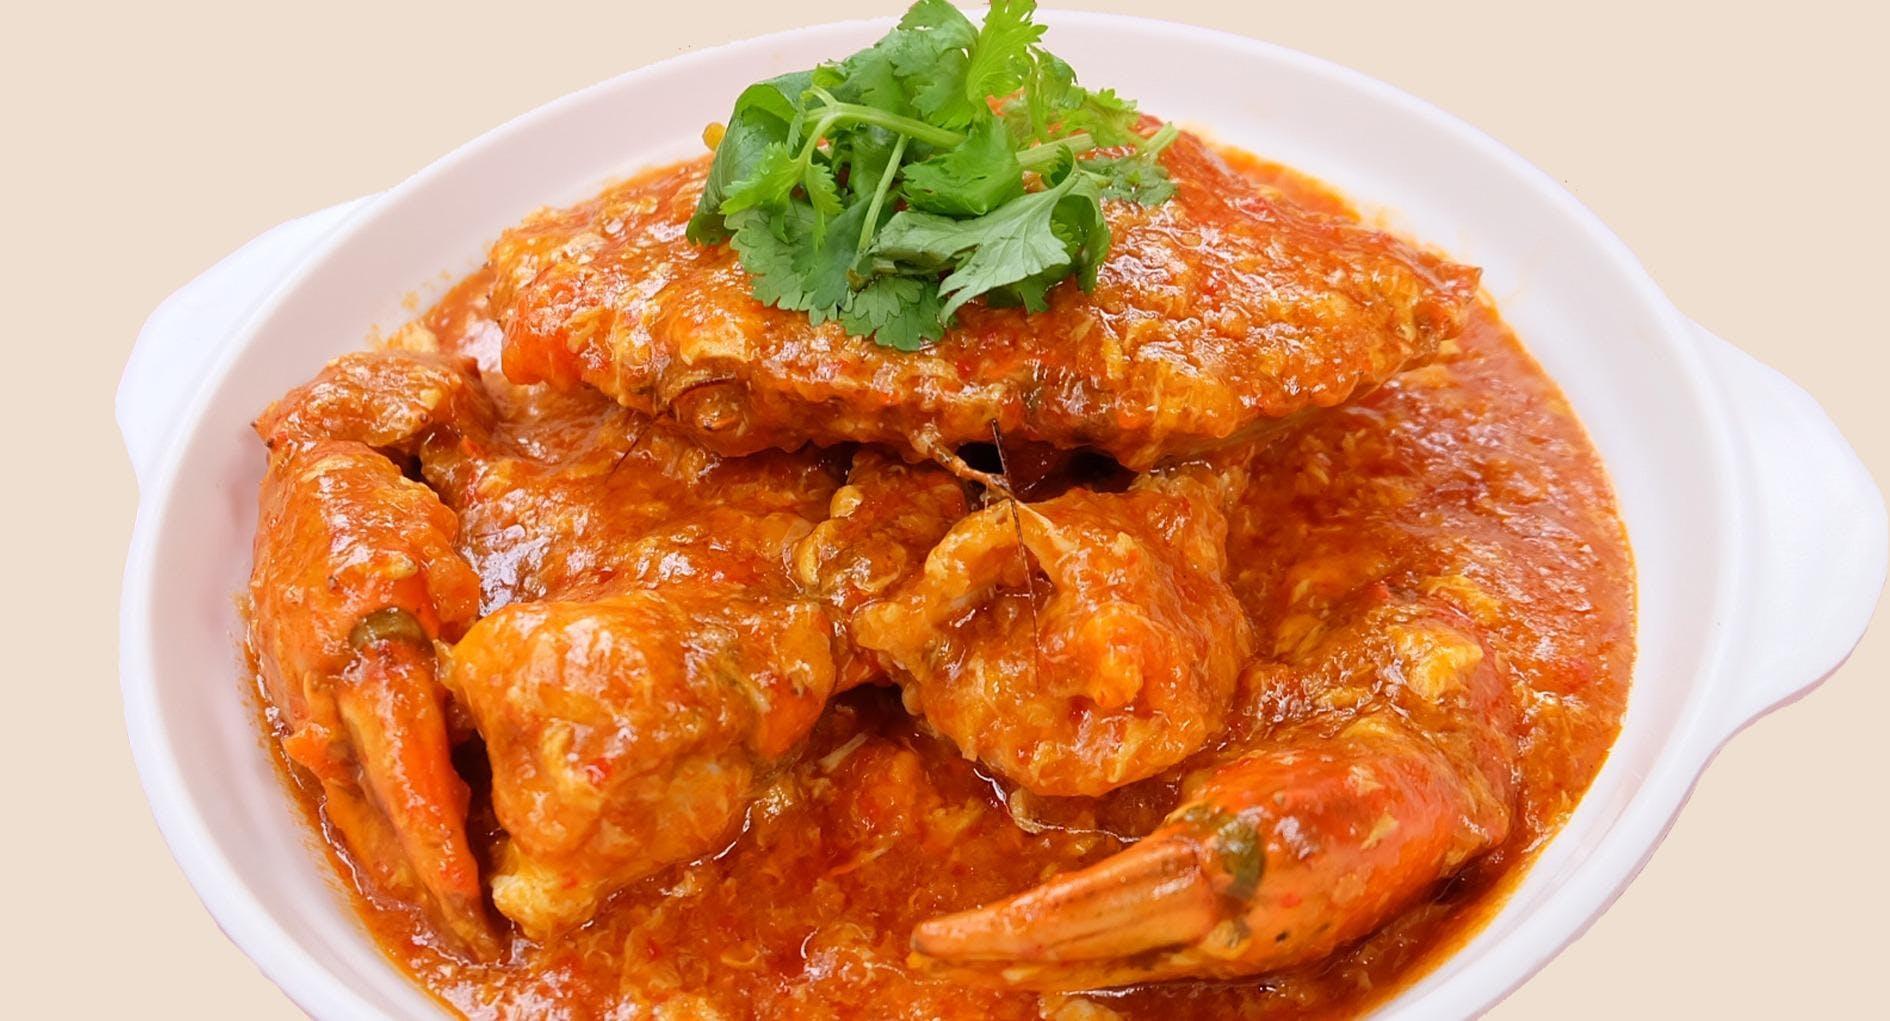 Sum Kee Food - Jurong